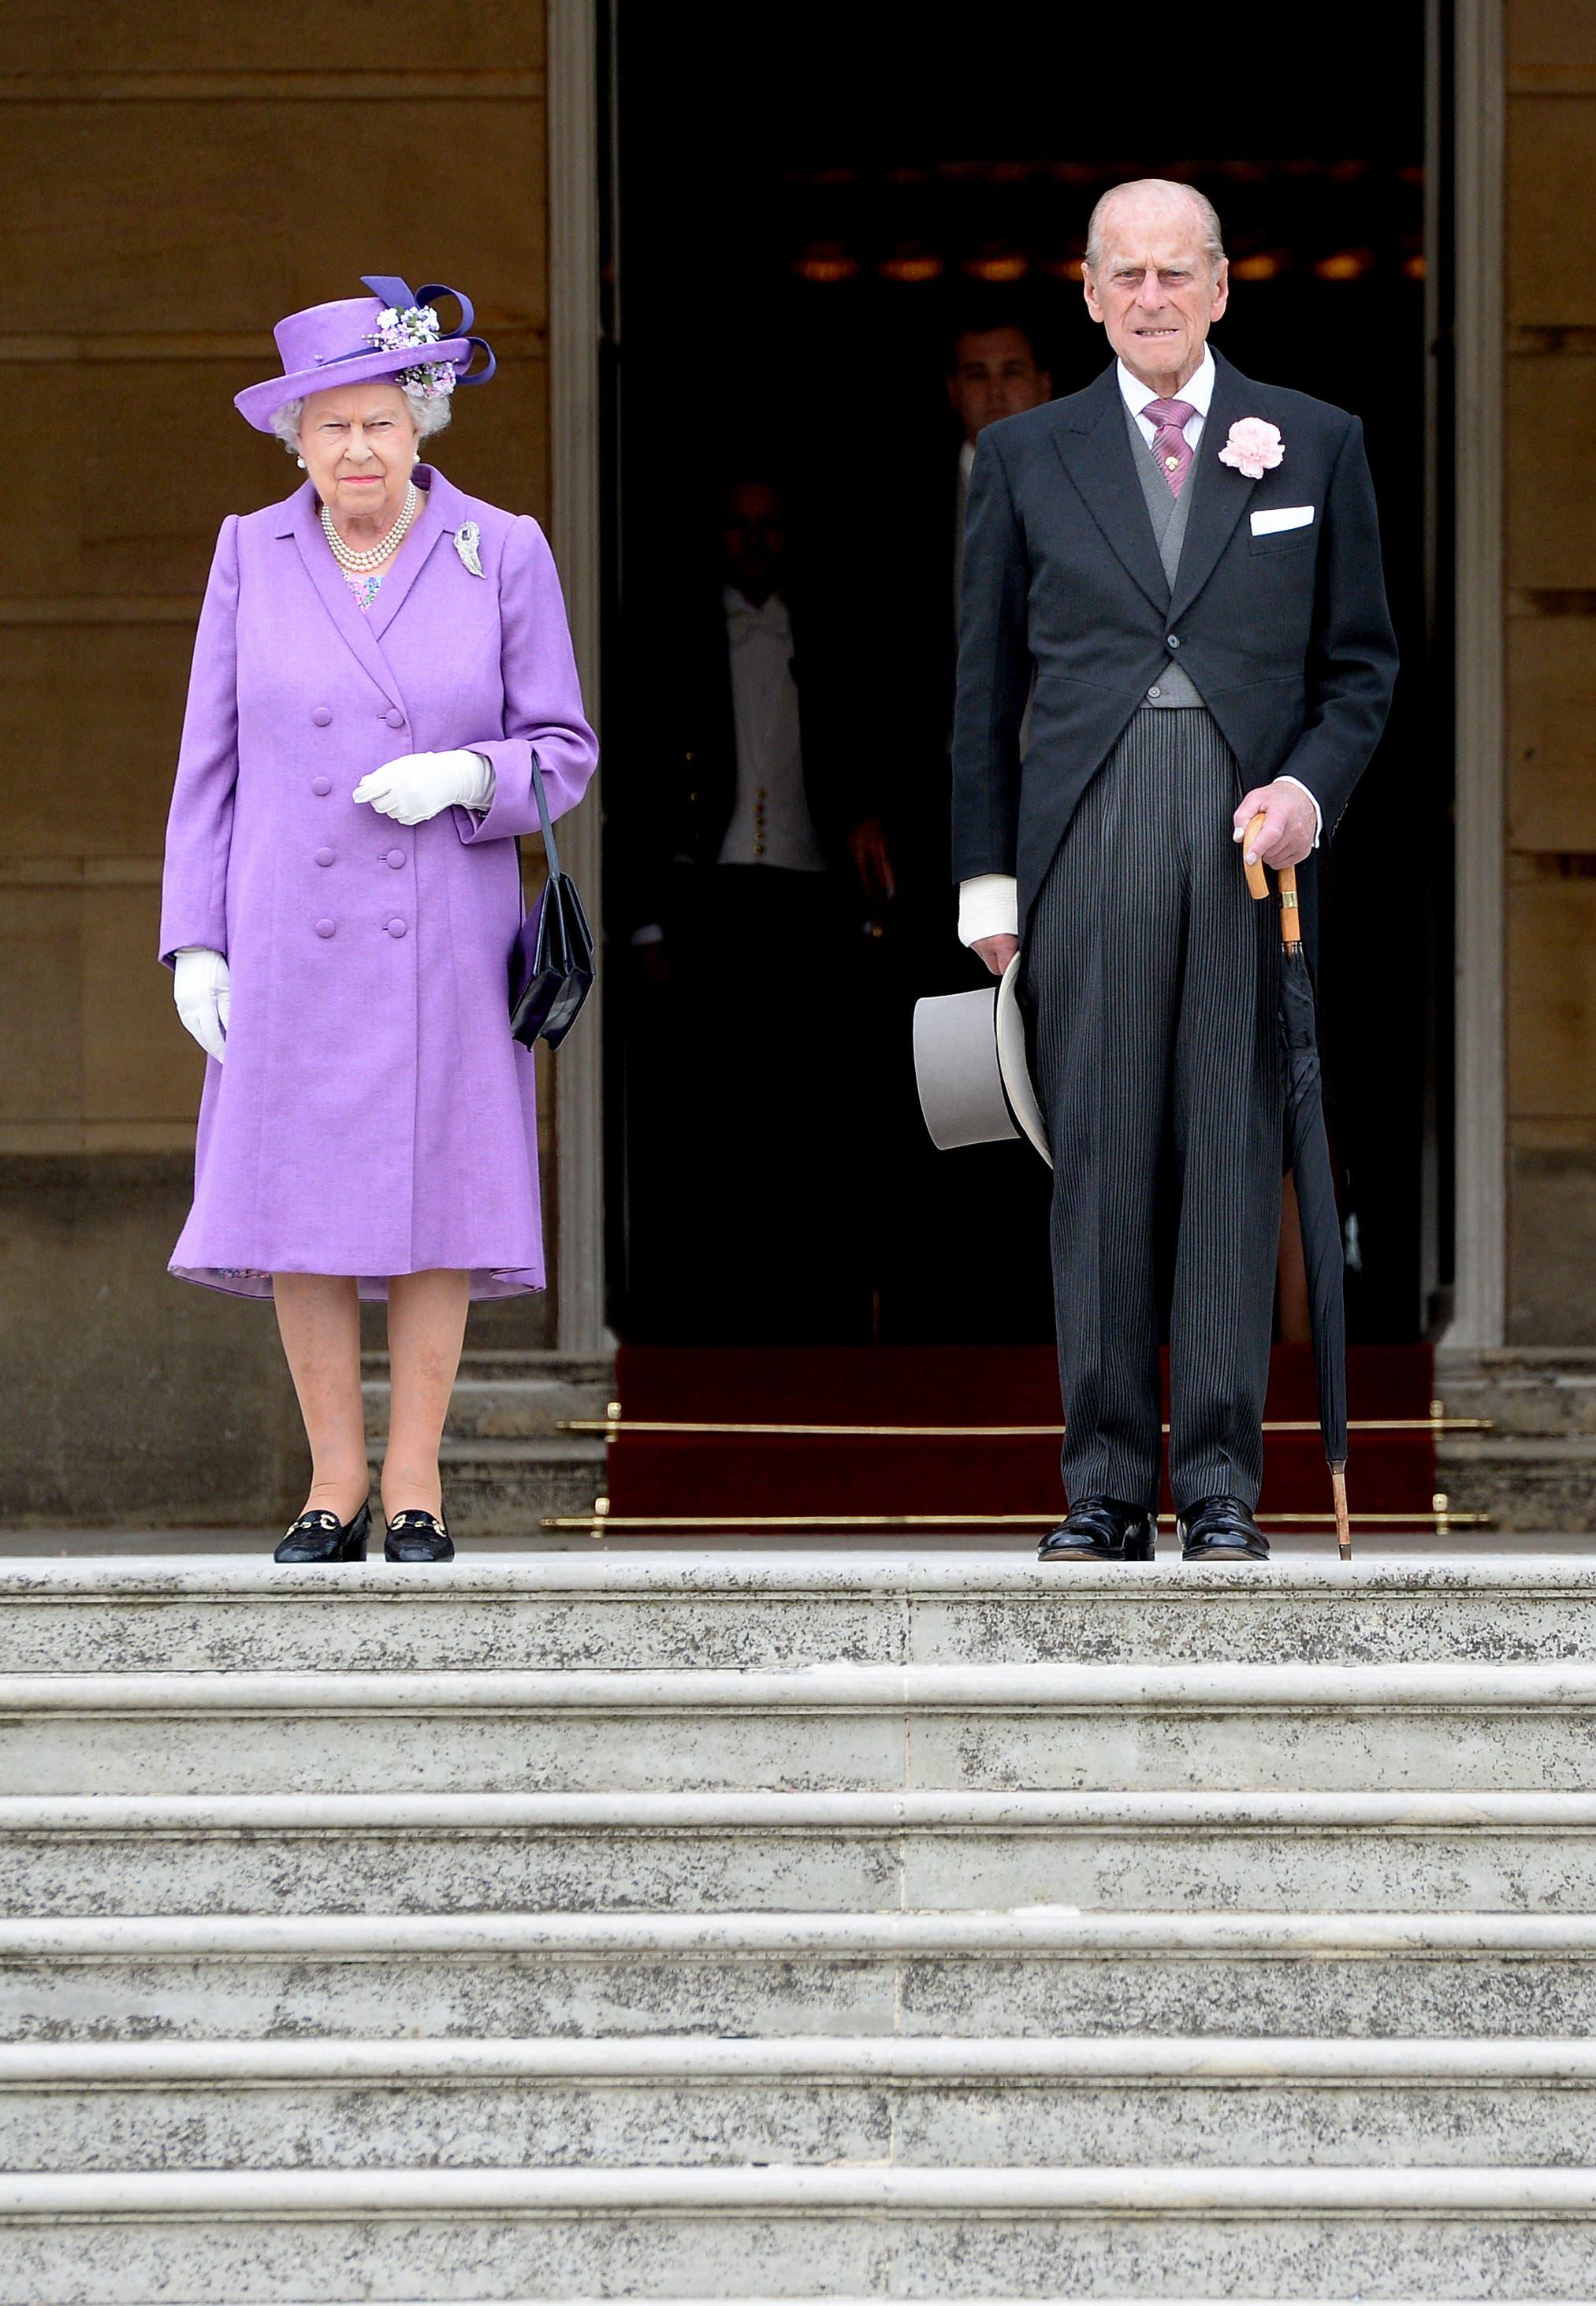 ملكة بريطانيا والأمير فيليب - صورة أرشيفية